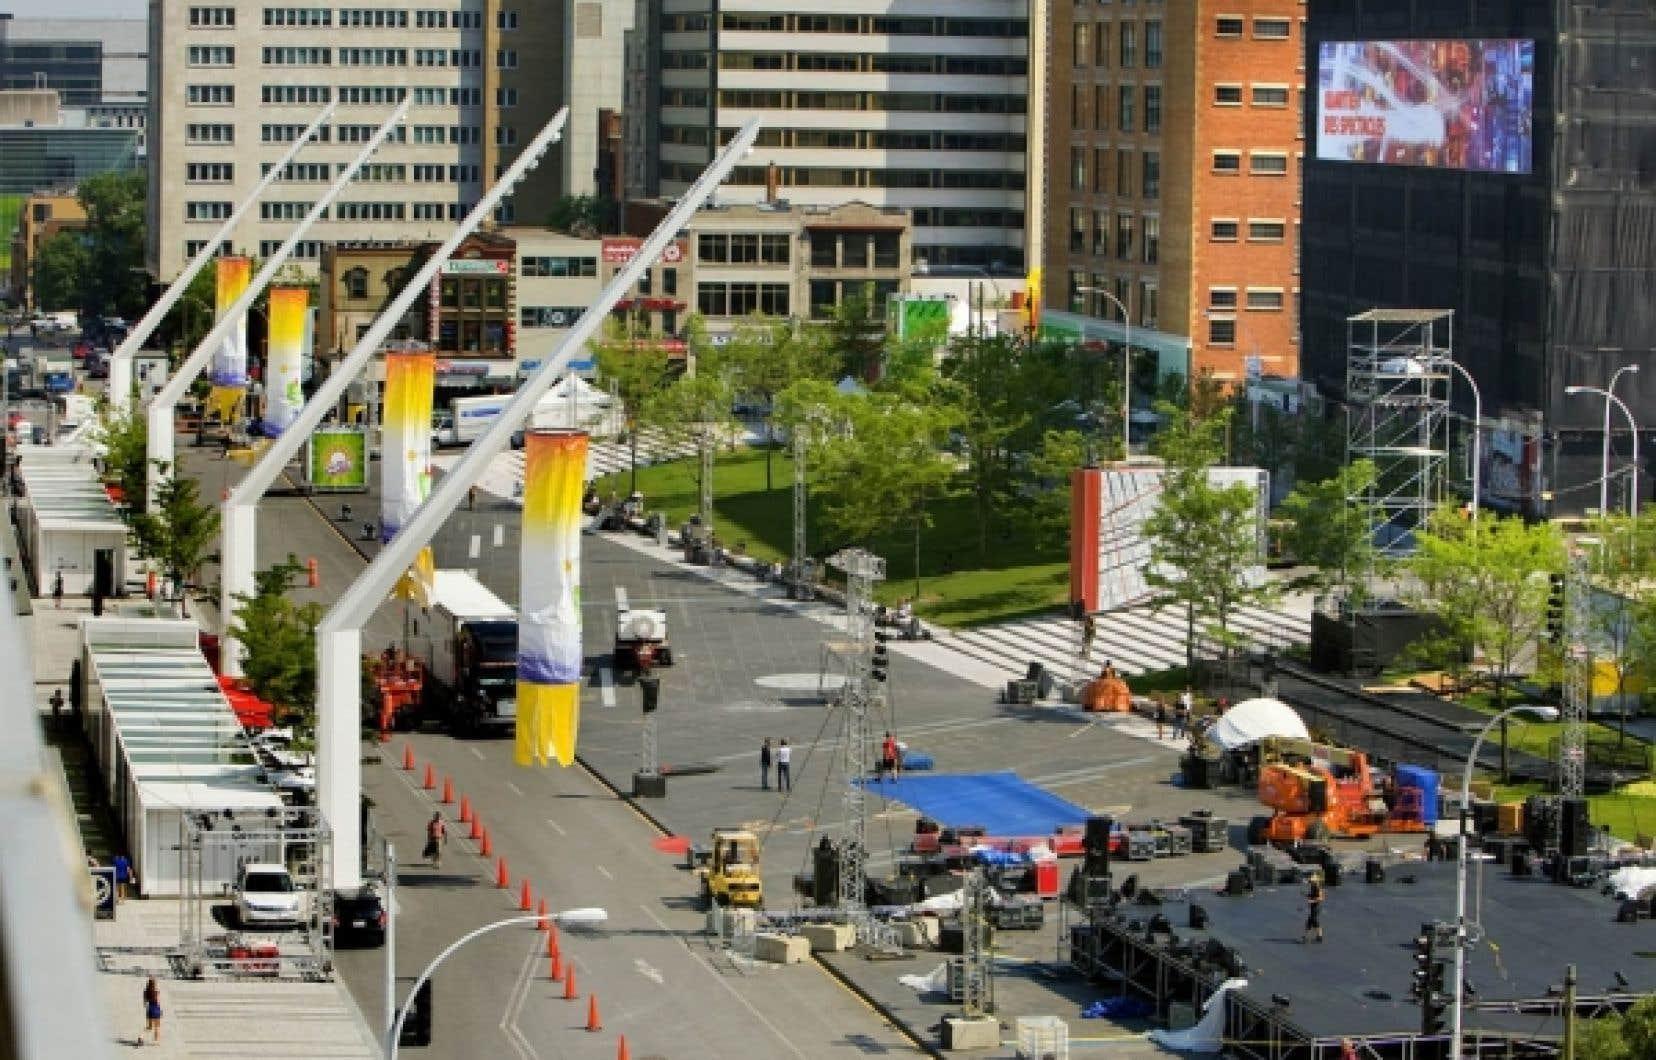 L&rsquo;am&eacute;nagement ing&eacute;nieux divise clairement les fonctions. &Agrave; gauche, les nouveaux restaurants avec leurs cuisine en sous-sol. Ces longs &eacute;dicules aident &agrave; masquer le mur aveugle du Mus&eacute;e d&rsquo;art contemporain. Ensuite, les quatre grands lampadaires, la rue Jeanne-Mance r&eacute;tr&eacute;cie, le granit et sa fontaine, la plus grande du genre au Canada. Les espaces verts compl&egrave;tent le lien avec les immeubles existants, dont le Wilder (en noir), qui sera converti pour les Grands Ballets canadiens de Montr&eacute;al.<br />